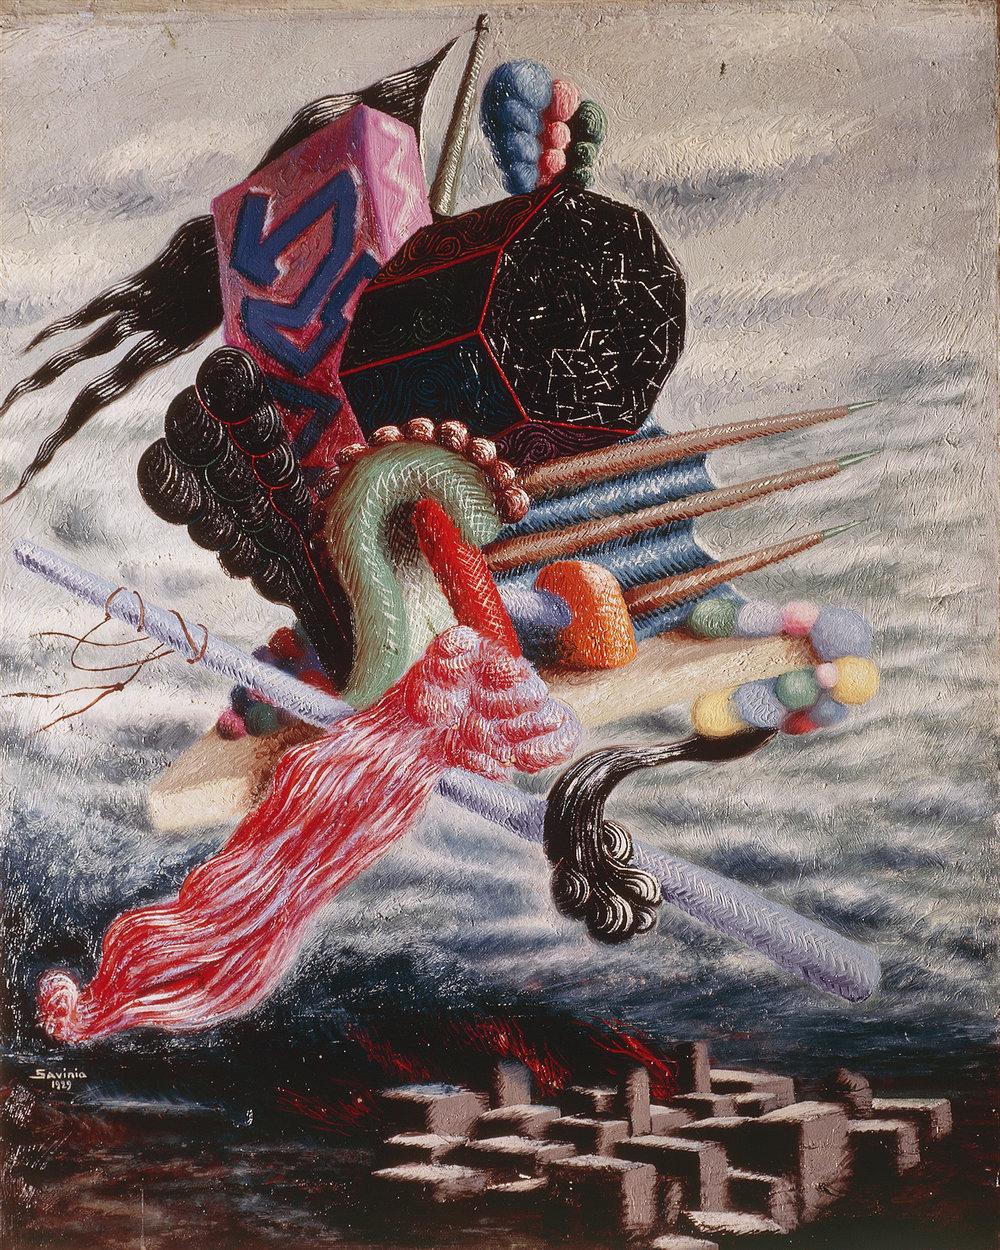 1929, 18, p.70, Sodoma